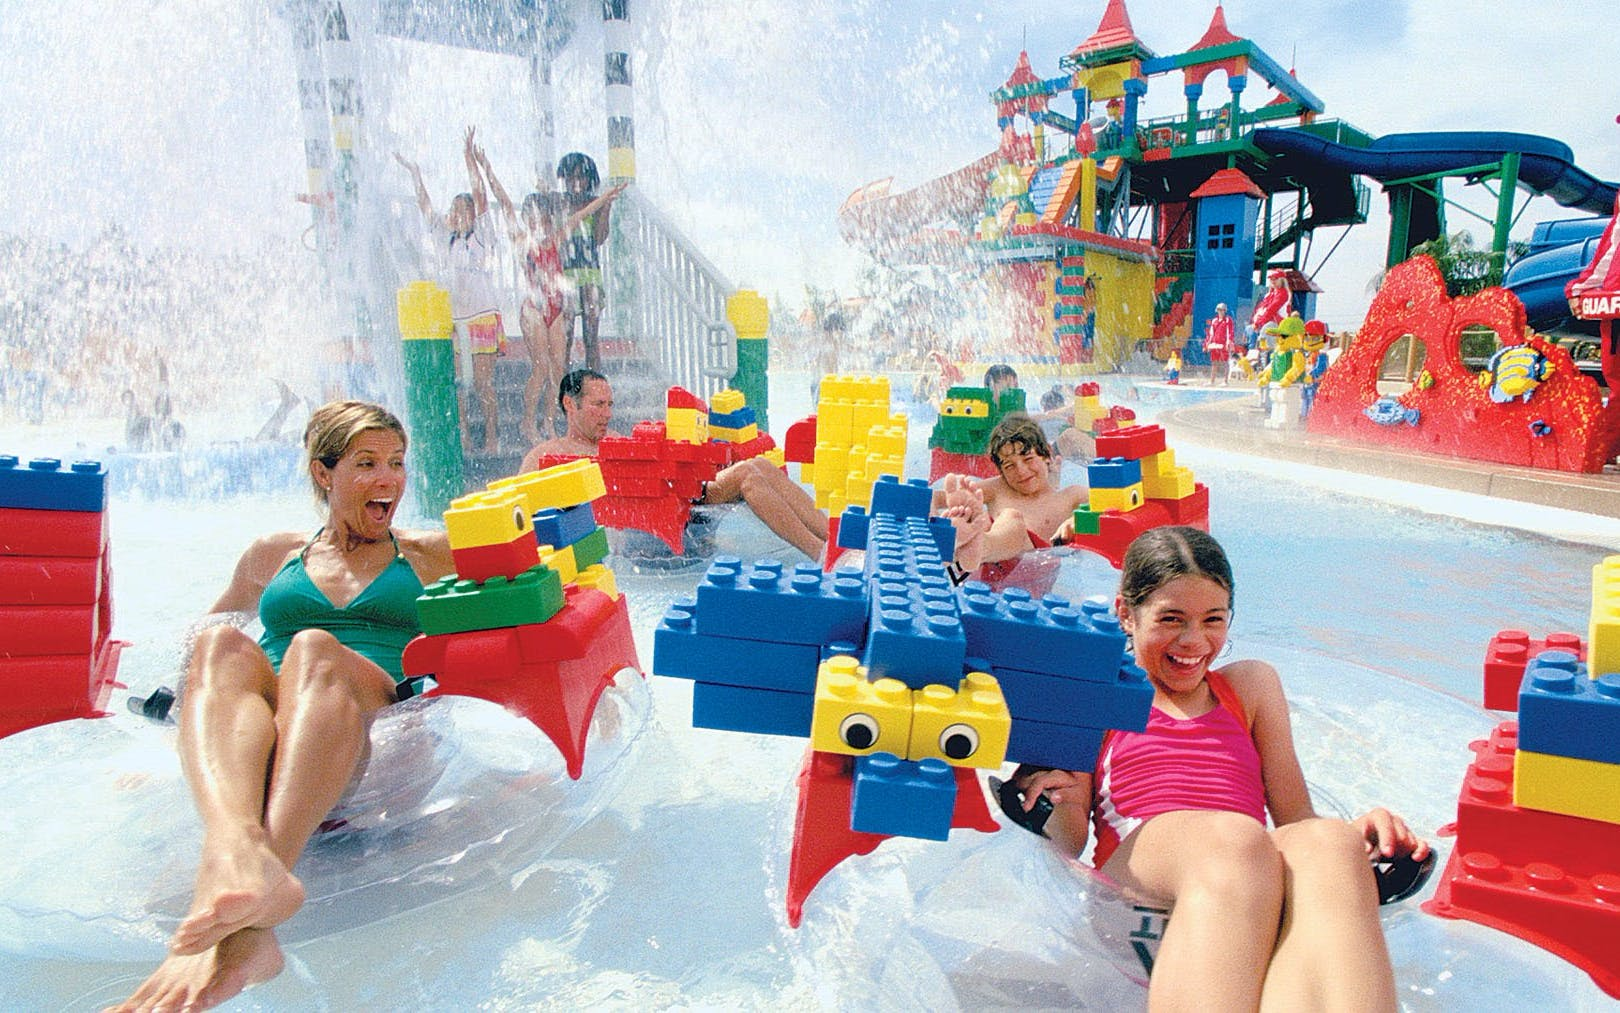 Best Theme Parks Dubai - LEGOLAND - 1